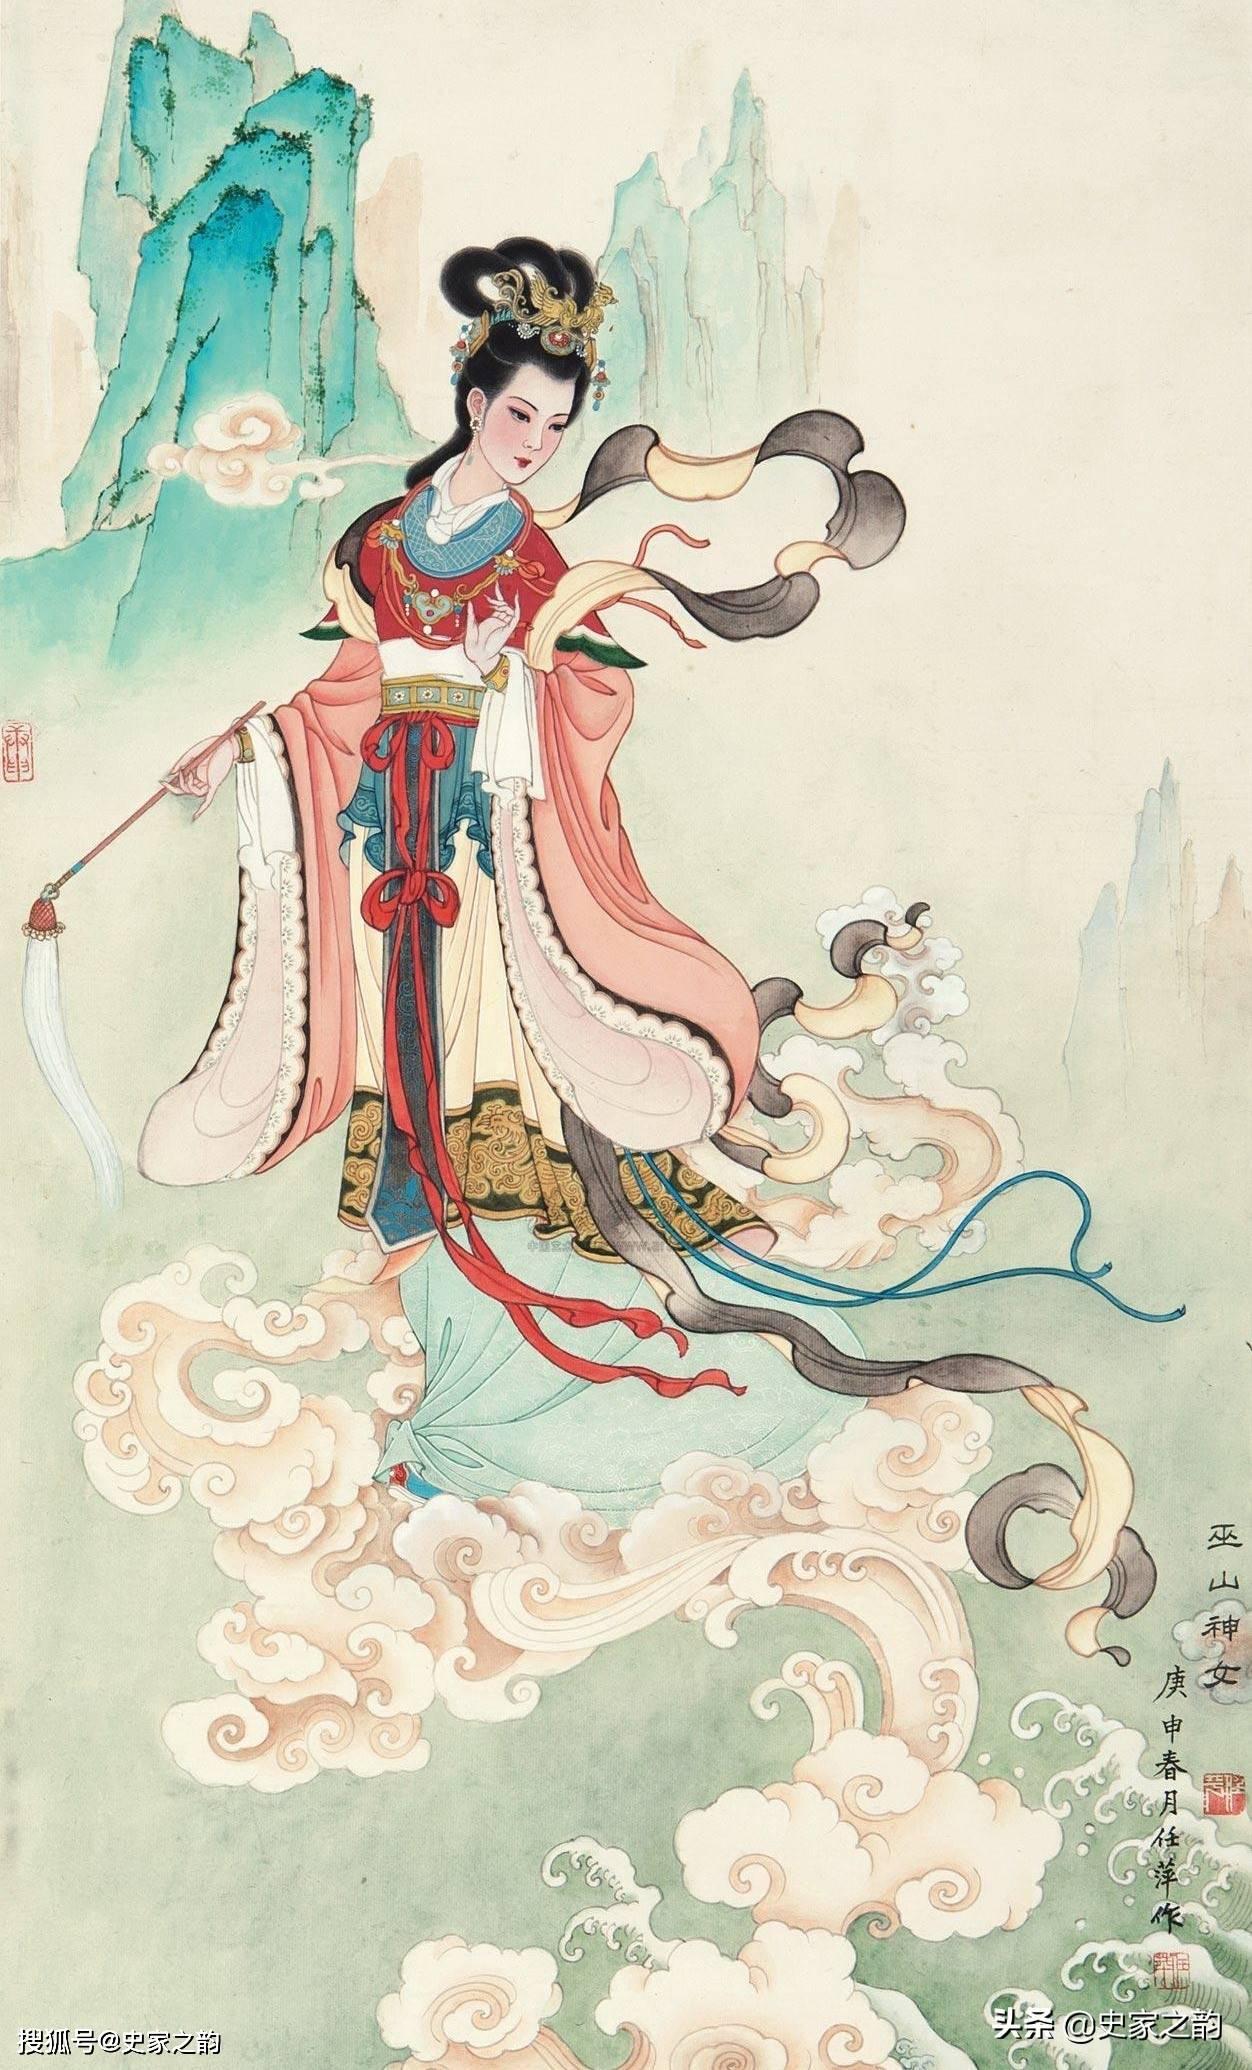 上古传说:炎帝有四个女儿,前三个相继成仙,最小的女儿成鸟